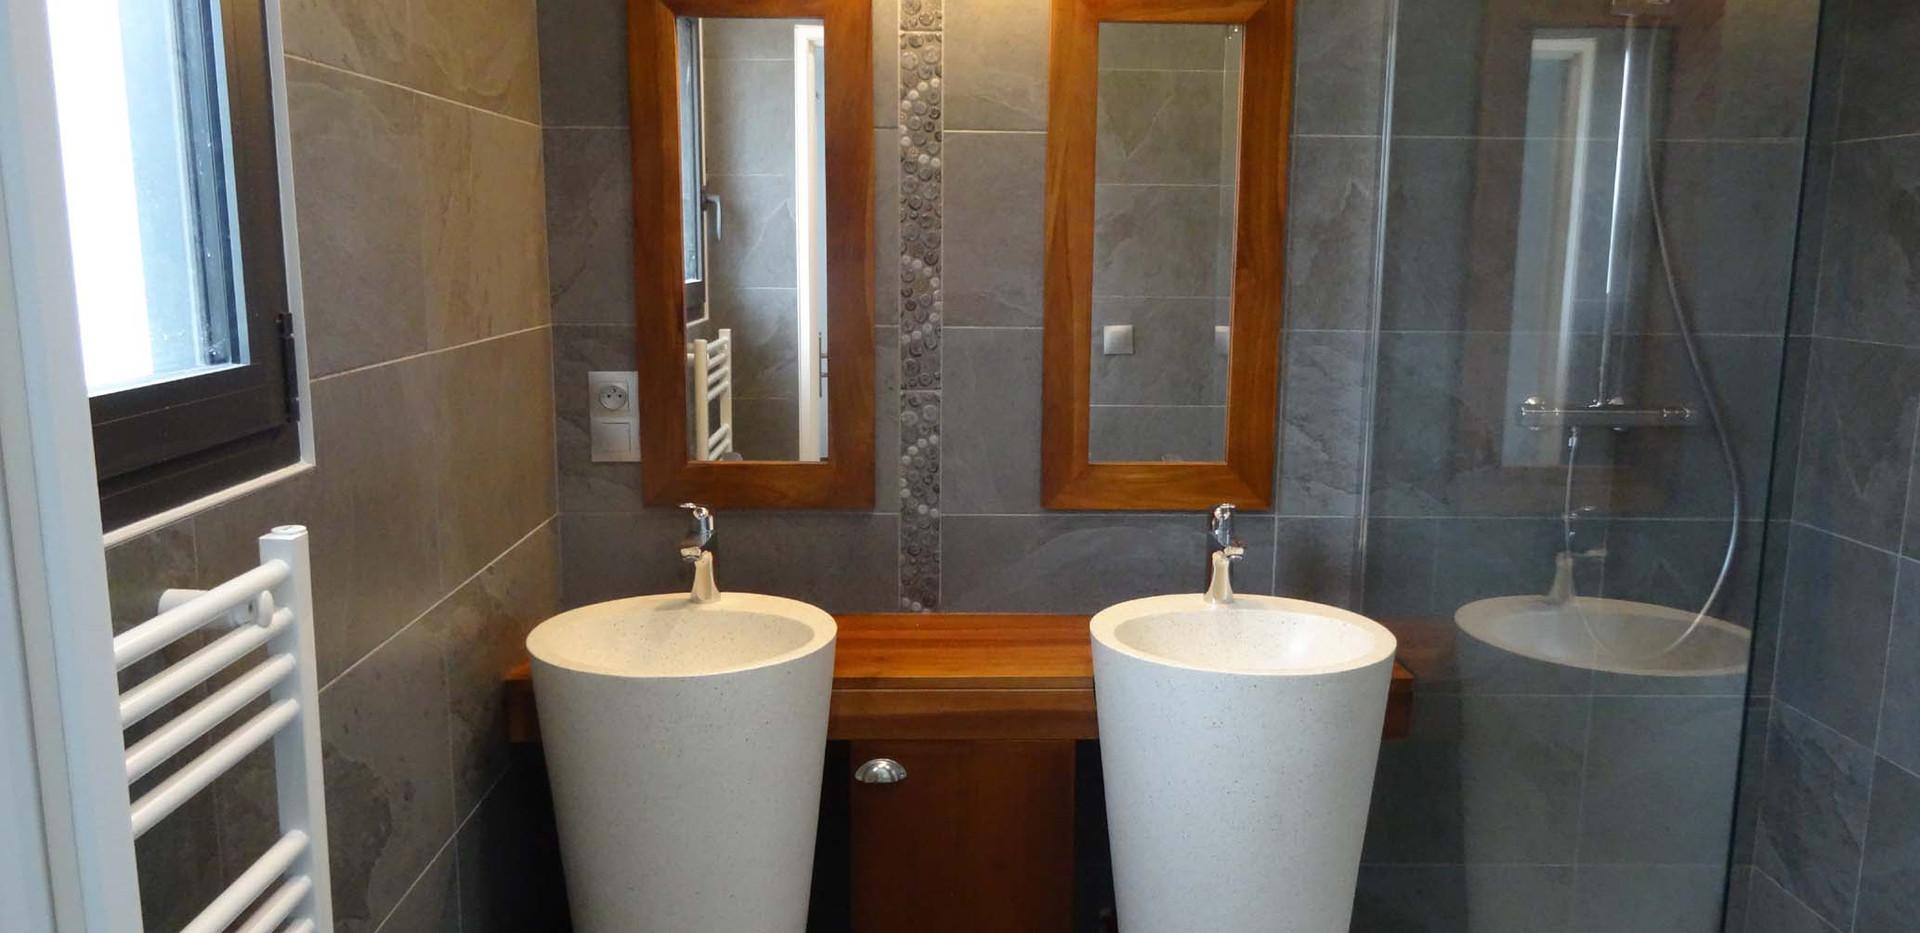 Salle de bain supérieure Saïgon